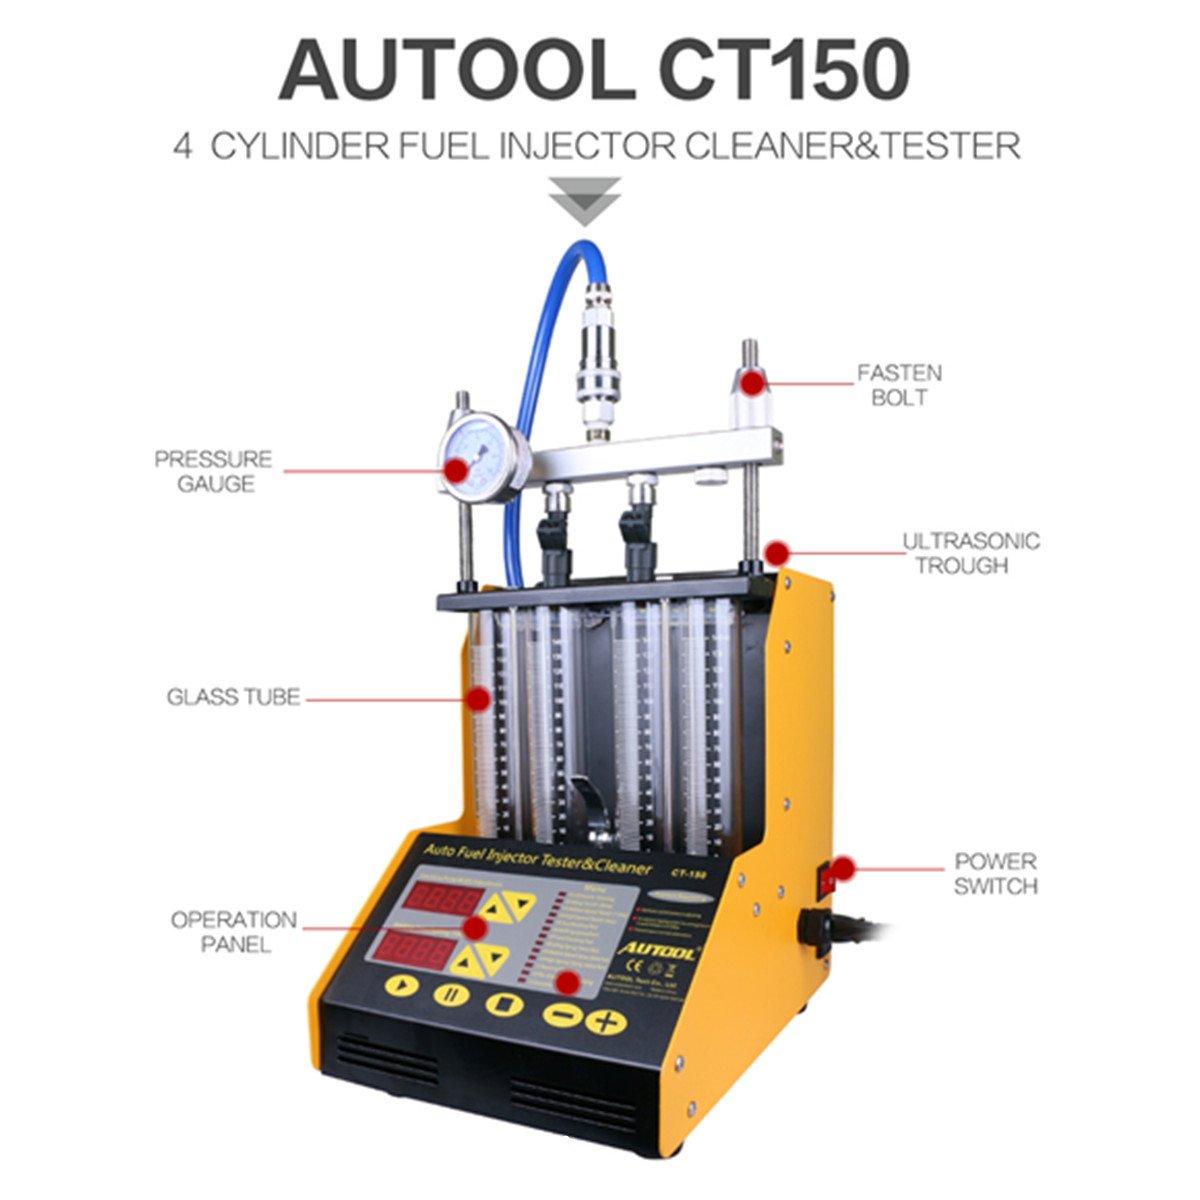 Autool CT150 Ultrasonic mini tester da auto per iniettore di carburante strumento pulente per iniettore di benzina tester e strumento pulente per iniettore